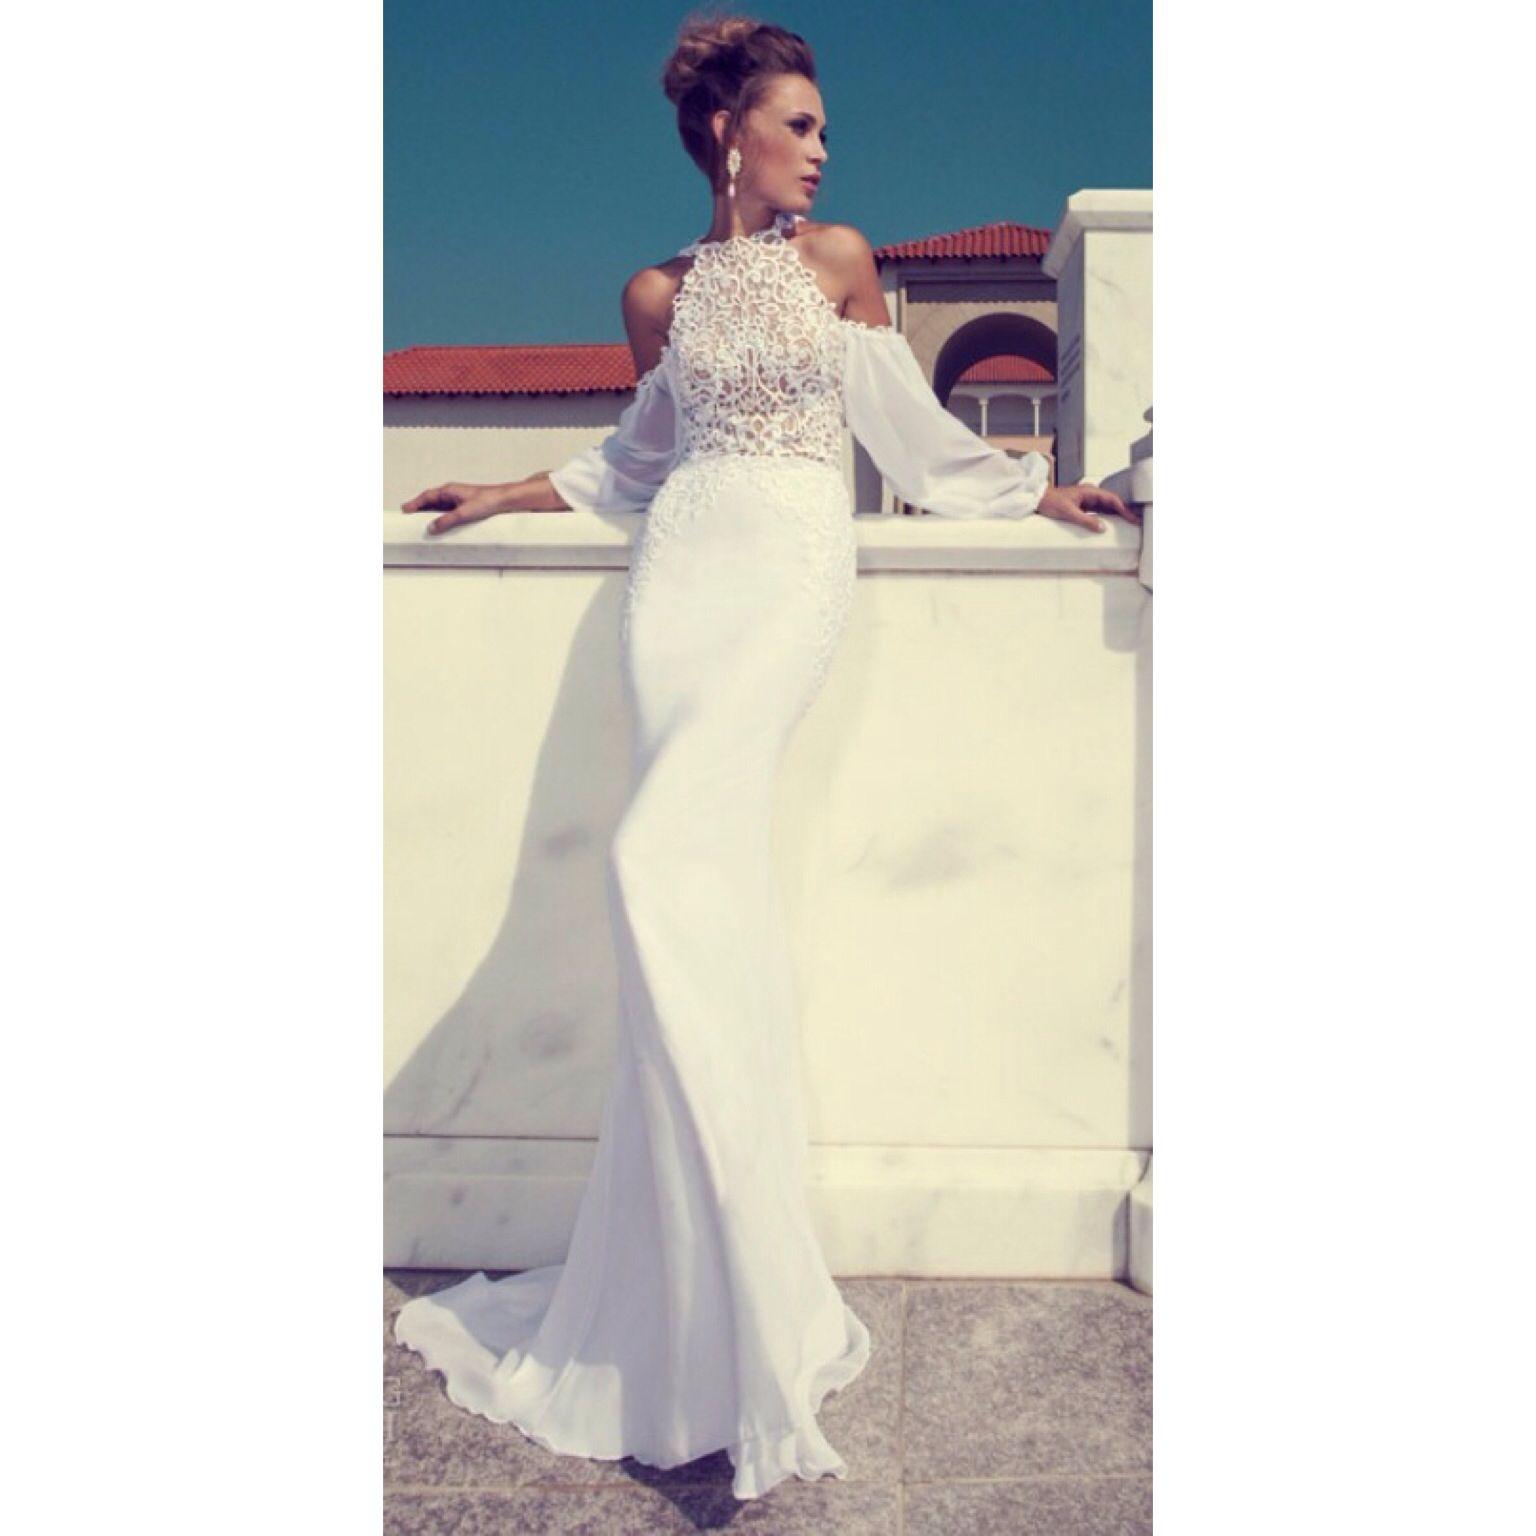 Wedding dress for evening  Beautiful dress  wedding  Pinterest  Wedding dress Wedding and